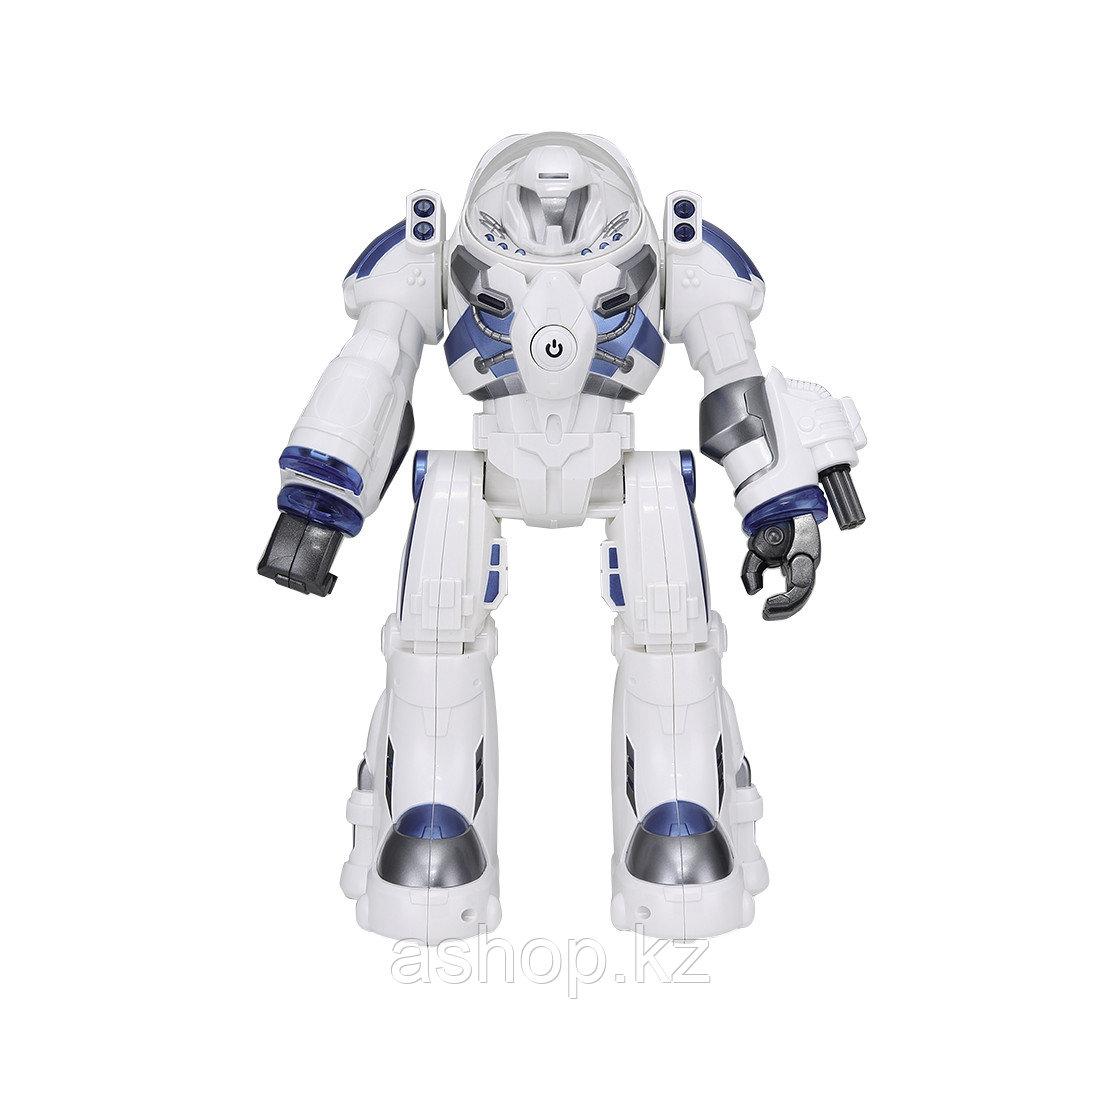 Робот радиоуправляемый Rastar Robot, Управление: Пульт дистанционного управления - 2,4ГГц, Цвет: Белый, (76900